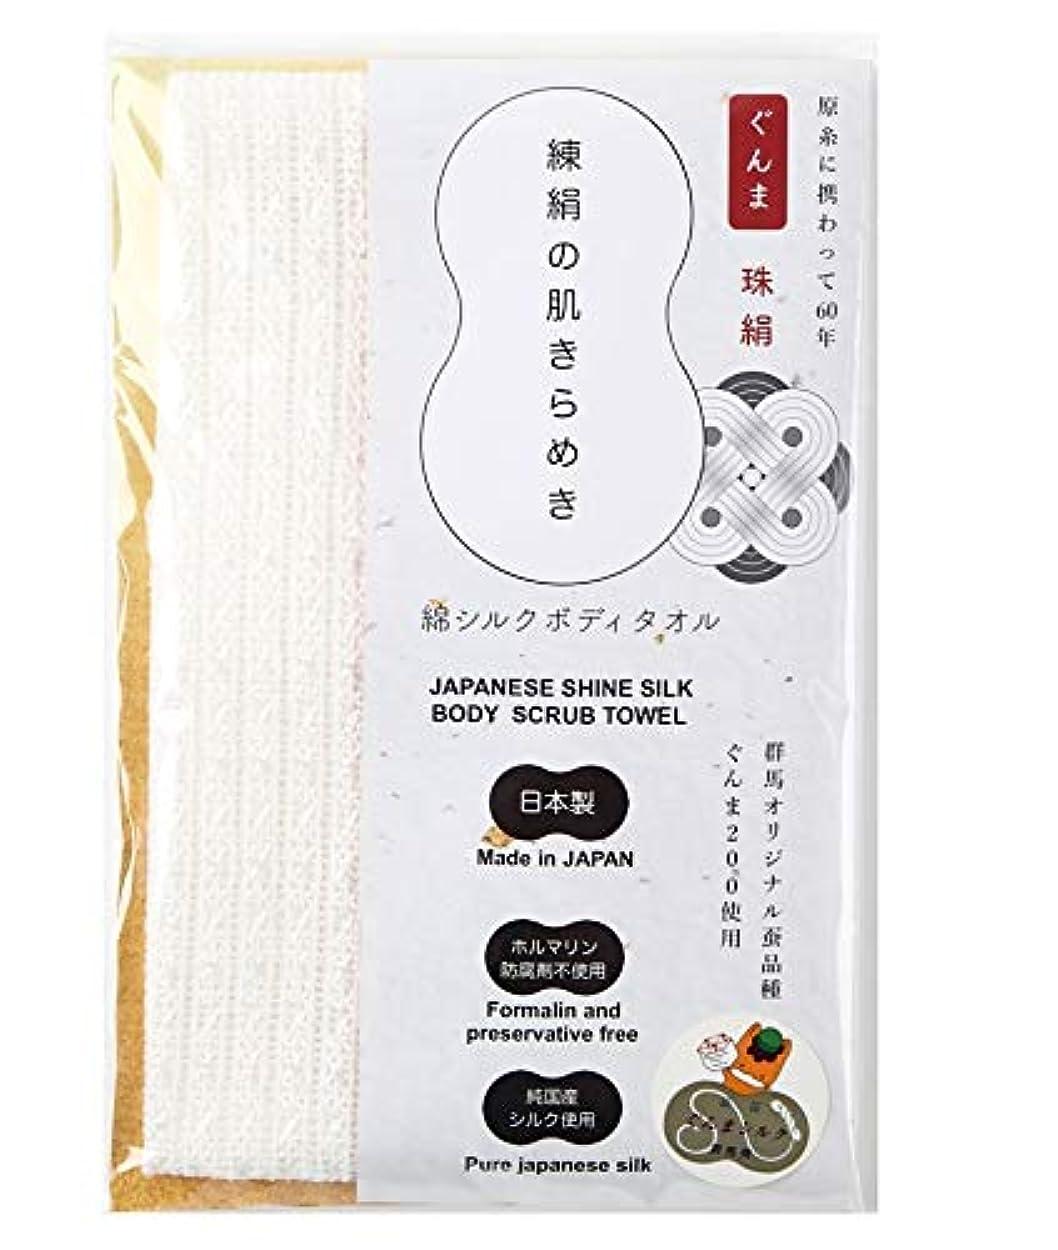 劣るフォアマンスラムくーる&ほっと 珠絹(たまぎぬ) 練絹の肌きらめき 純国産絹(ぐんまシルク)使用 日本製 綿シルクボディタオル